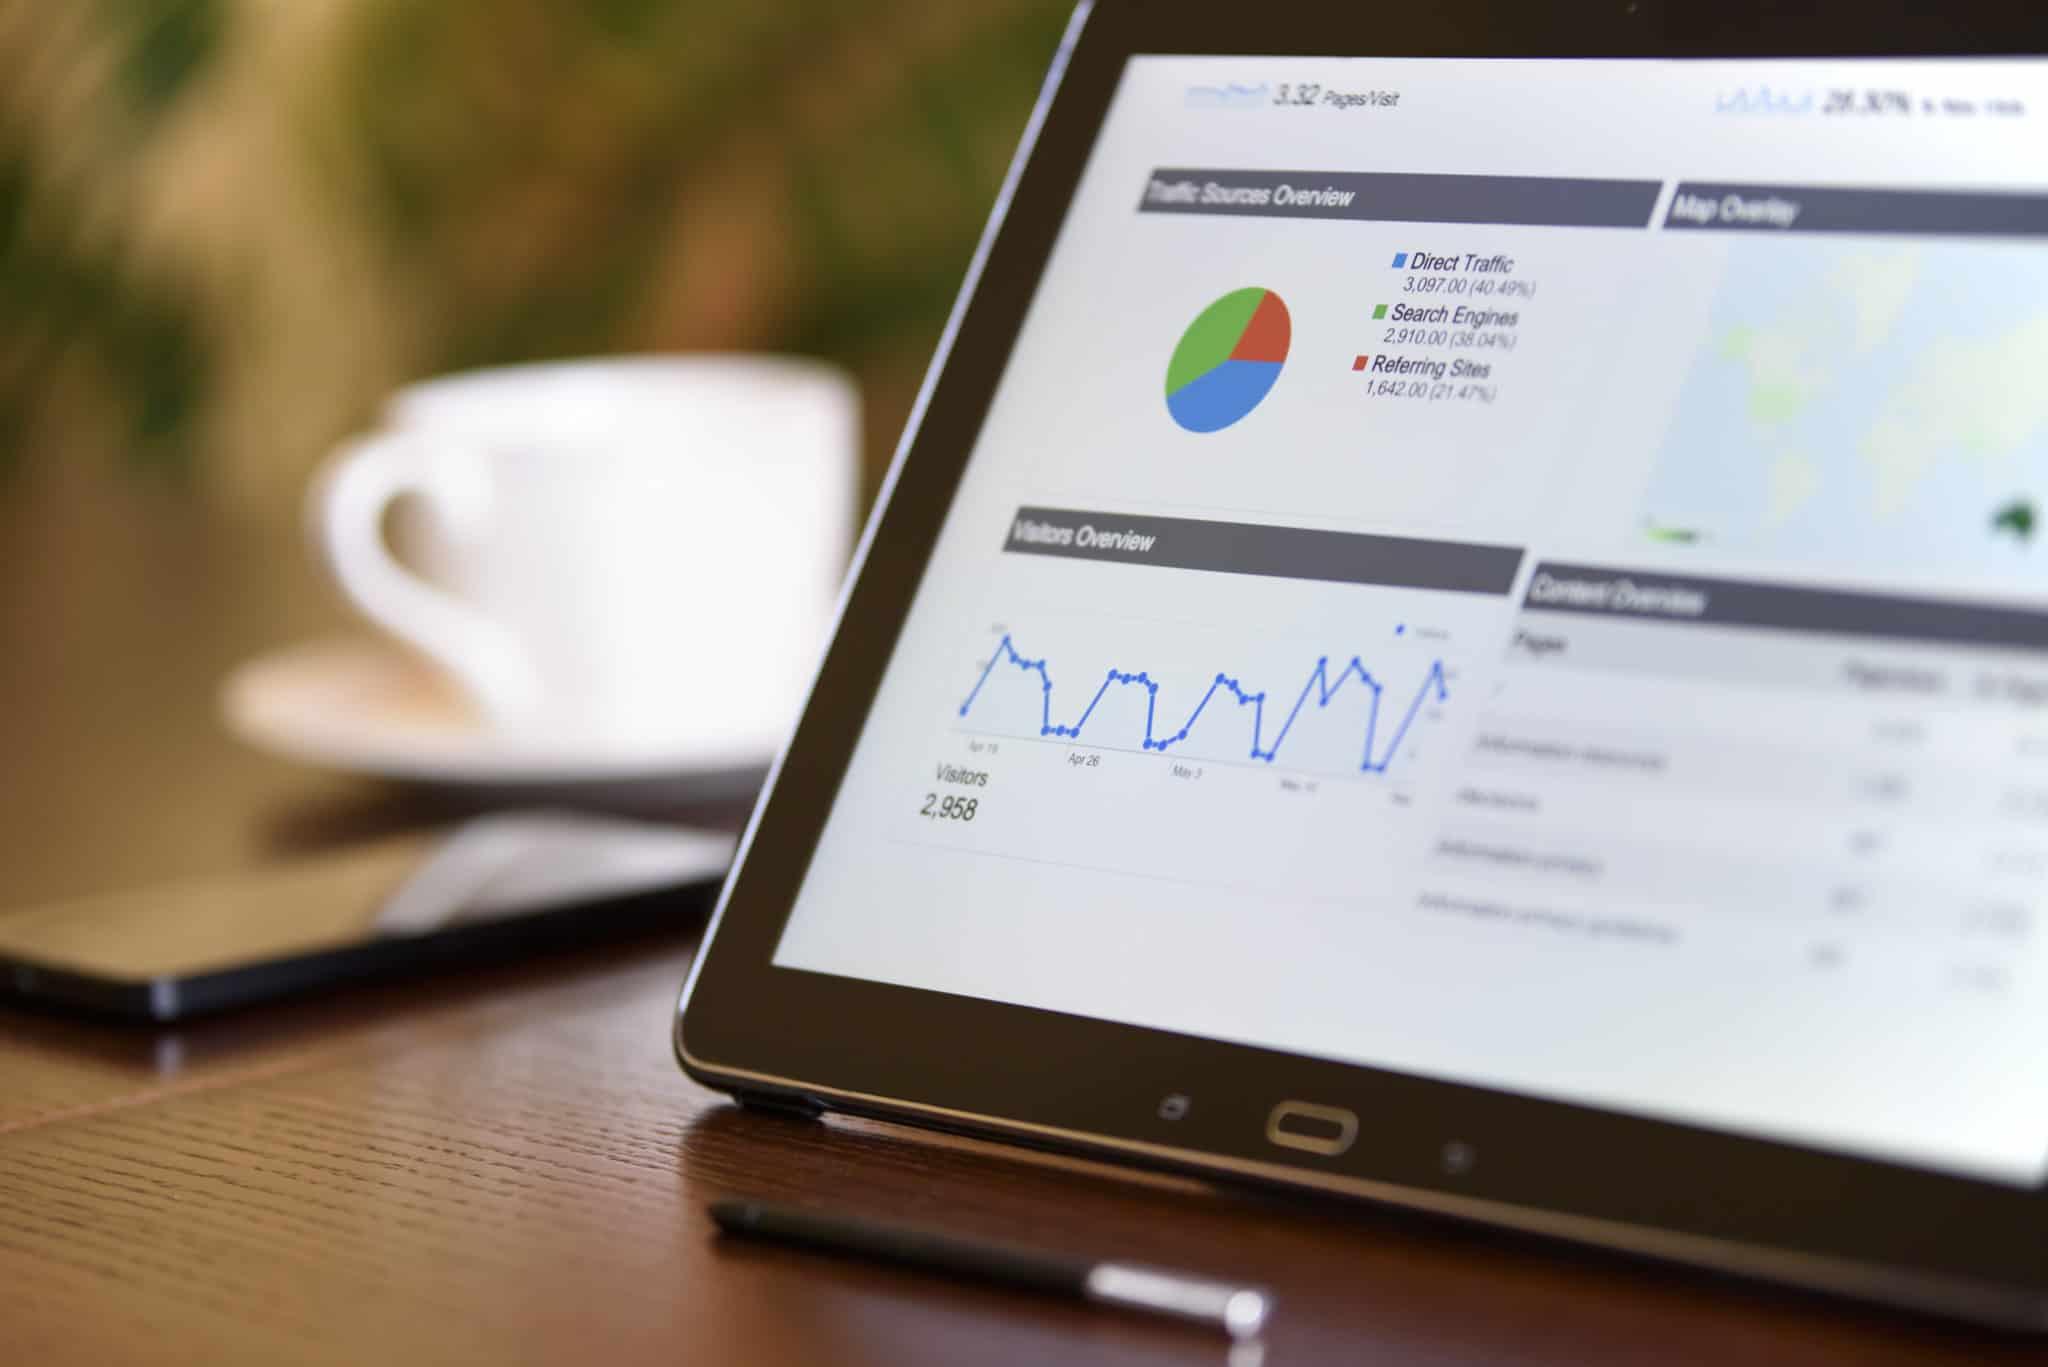 Analiza i optymalizacja strony Internetowej